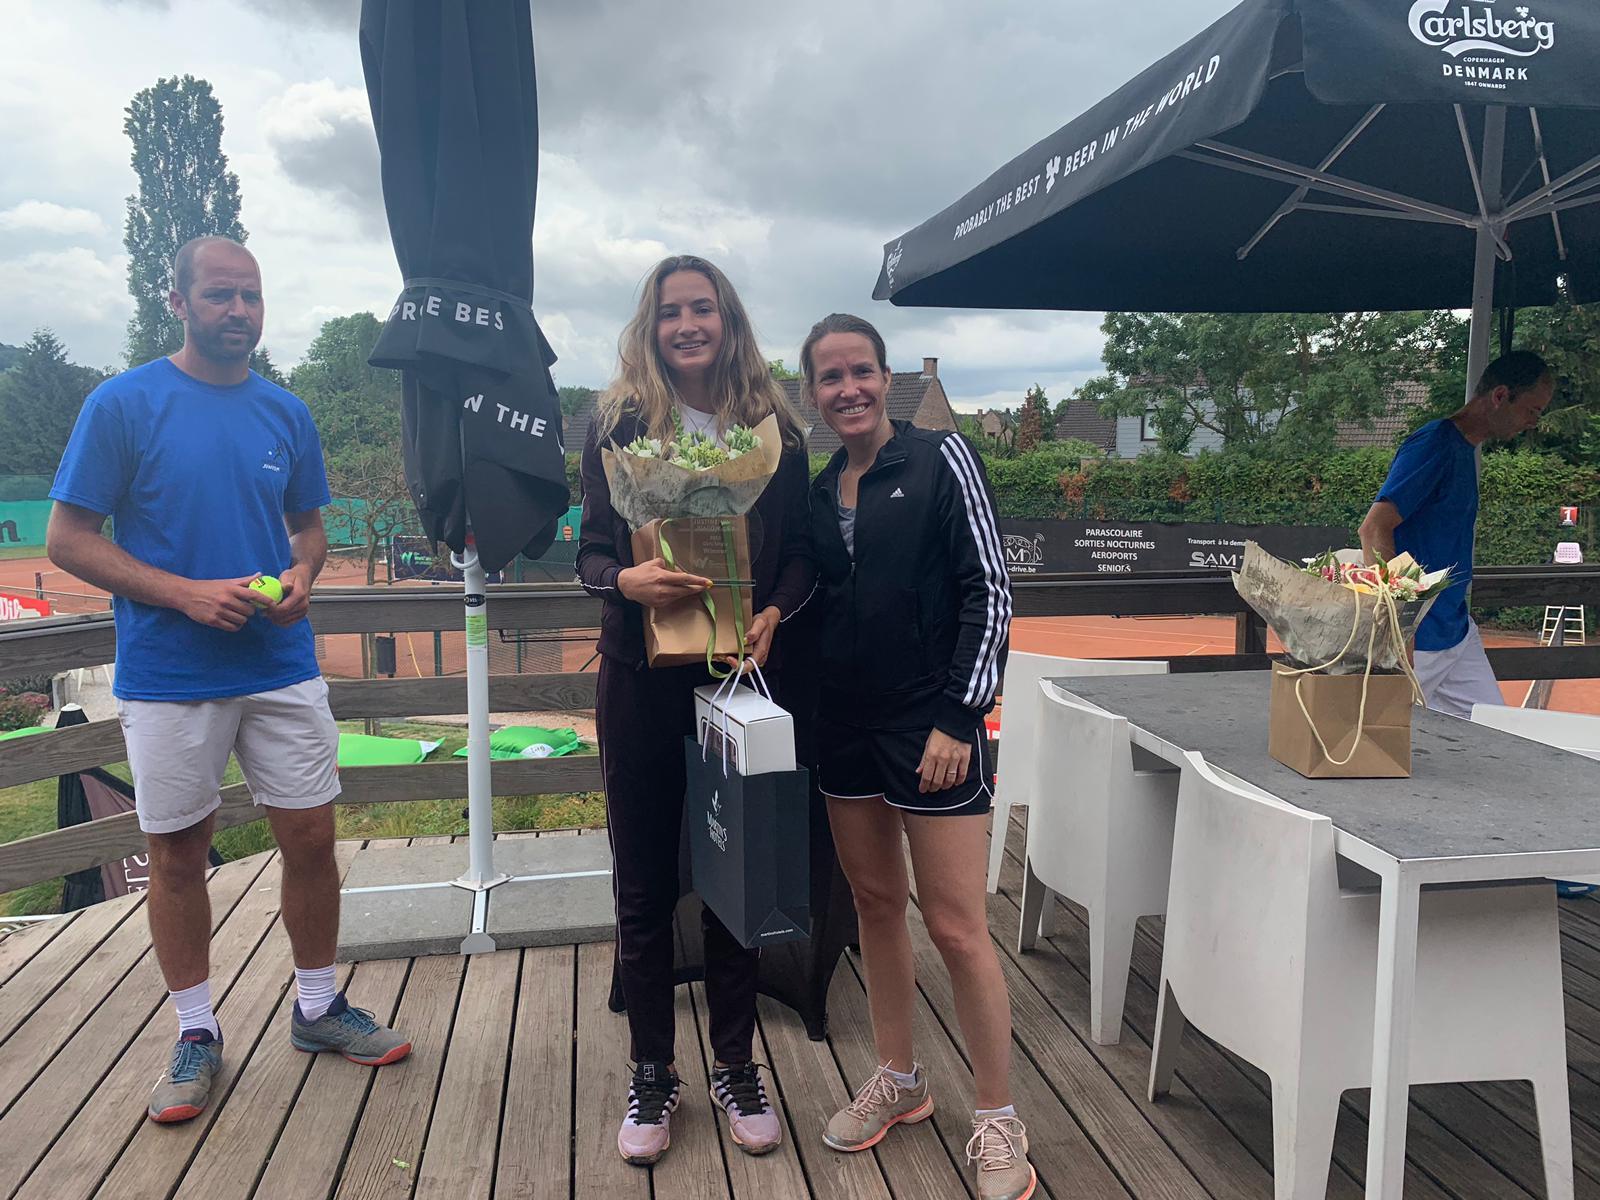 Vicky Jiménez s'adjudica el primer ITF Júnior de grau 4 a Bèlgica